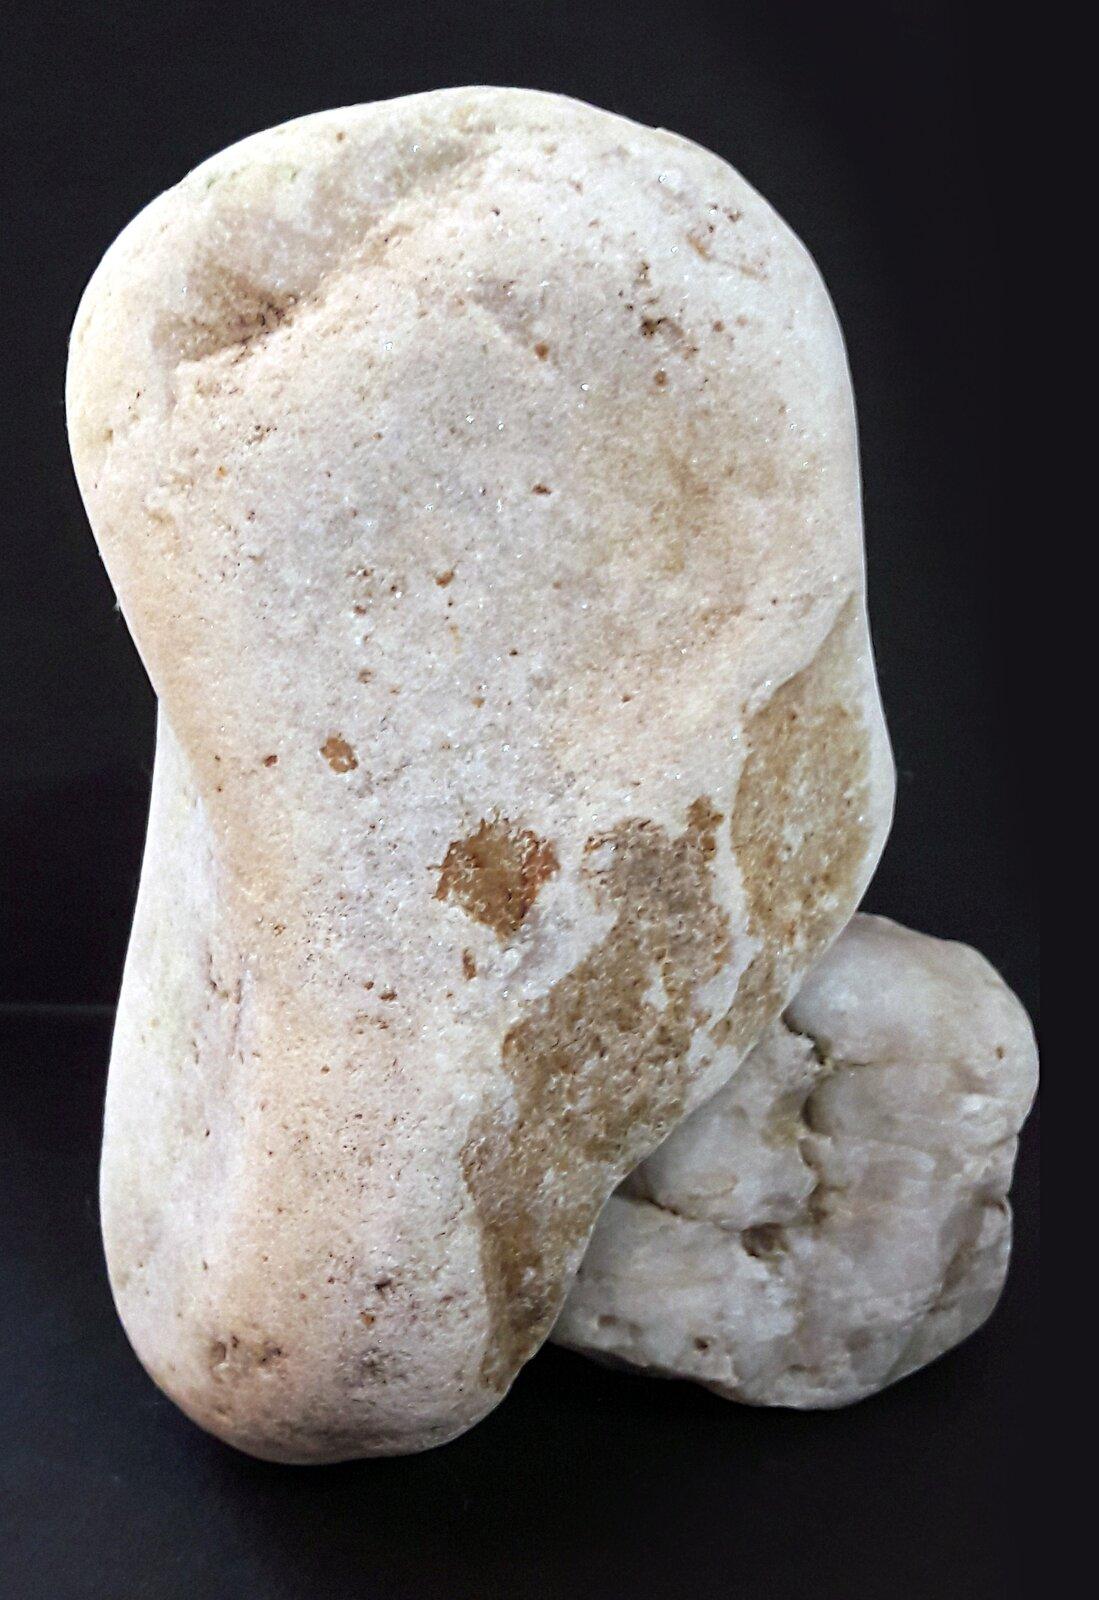 Ilustracja przedstawiająca surowy blok zmarmuru. Kamień jest koloru jasnego na czarnym tle.